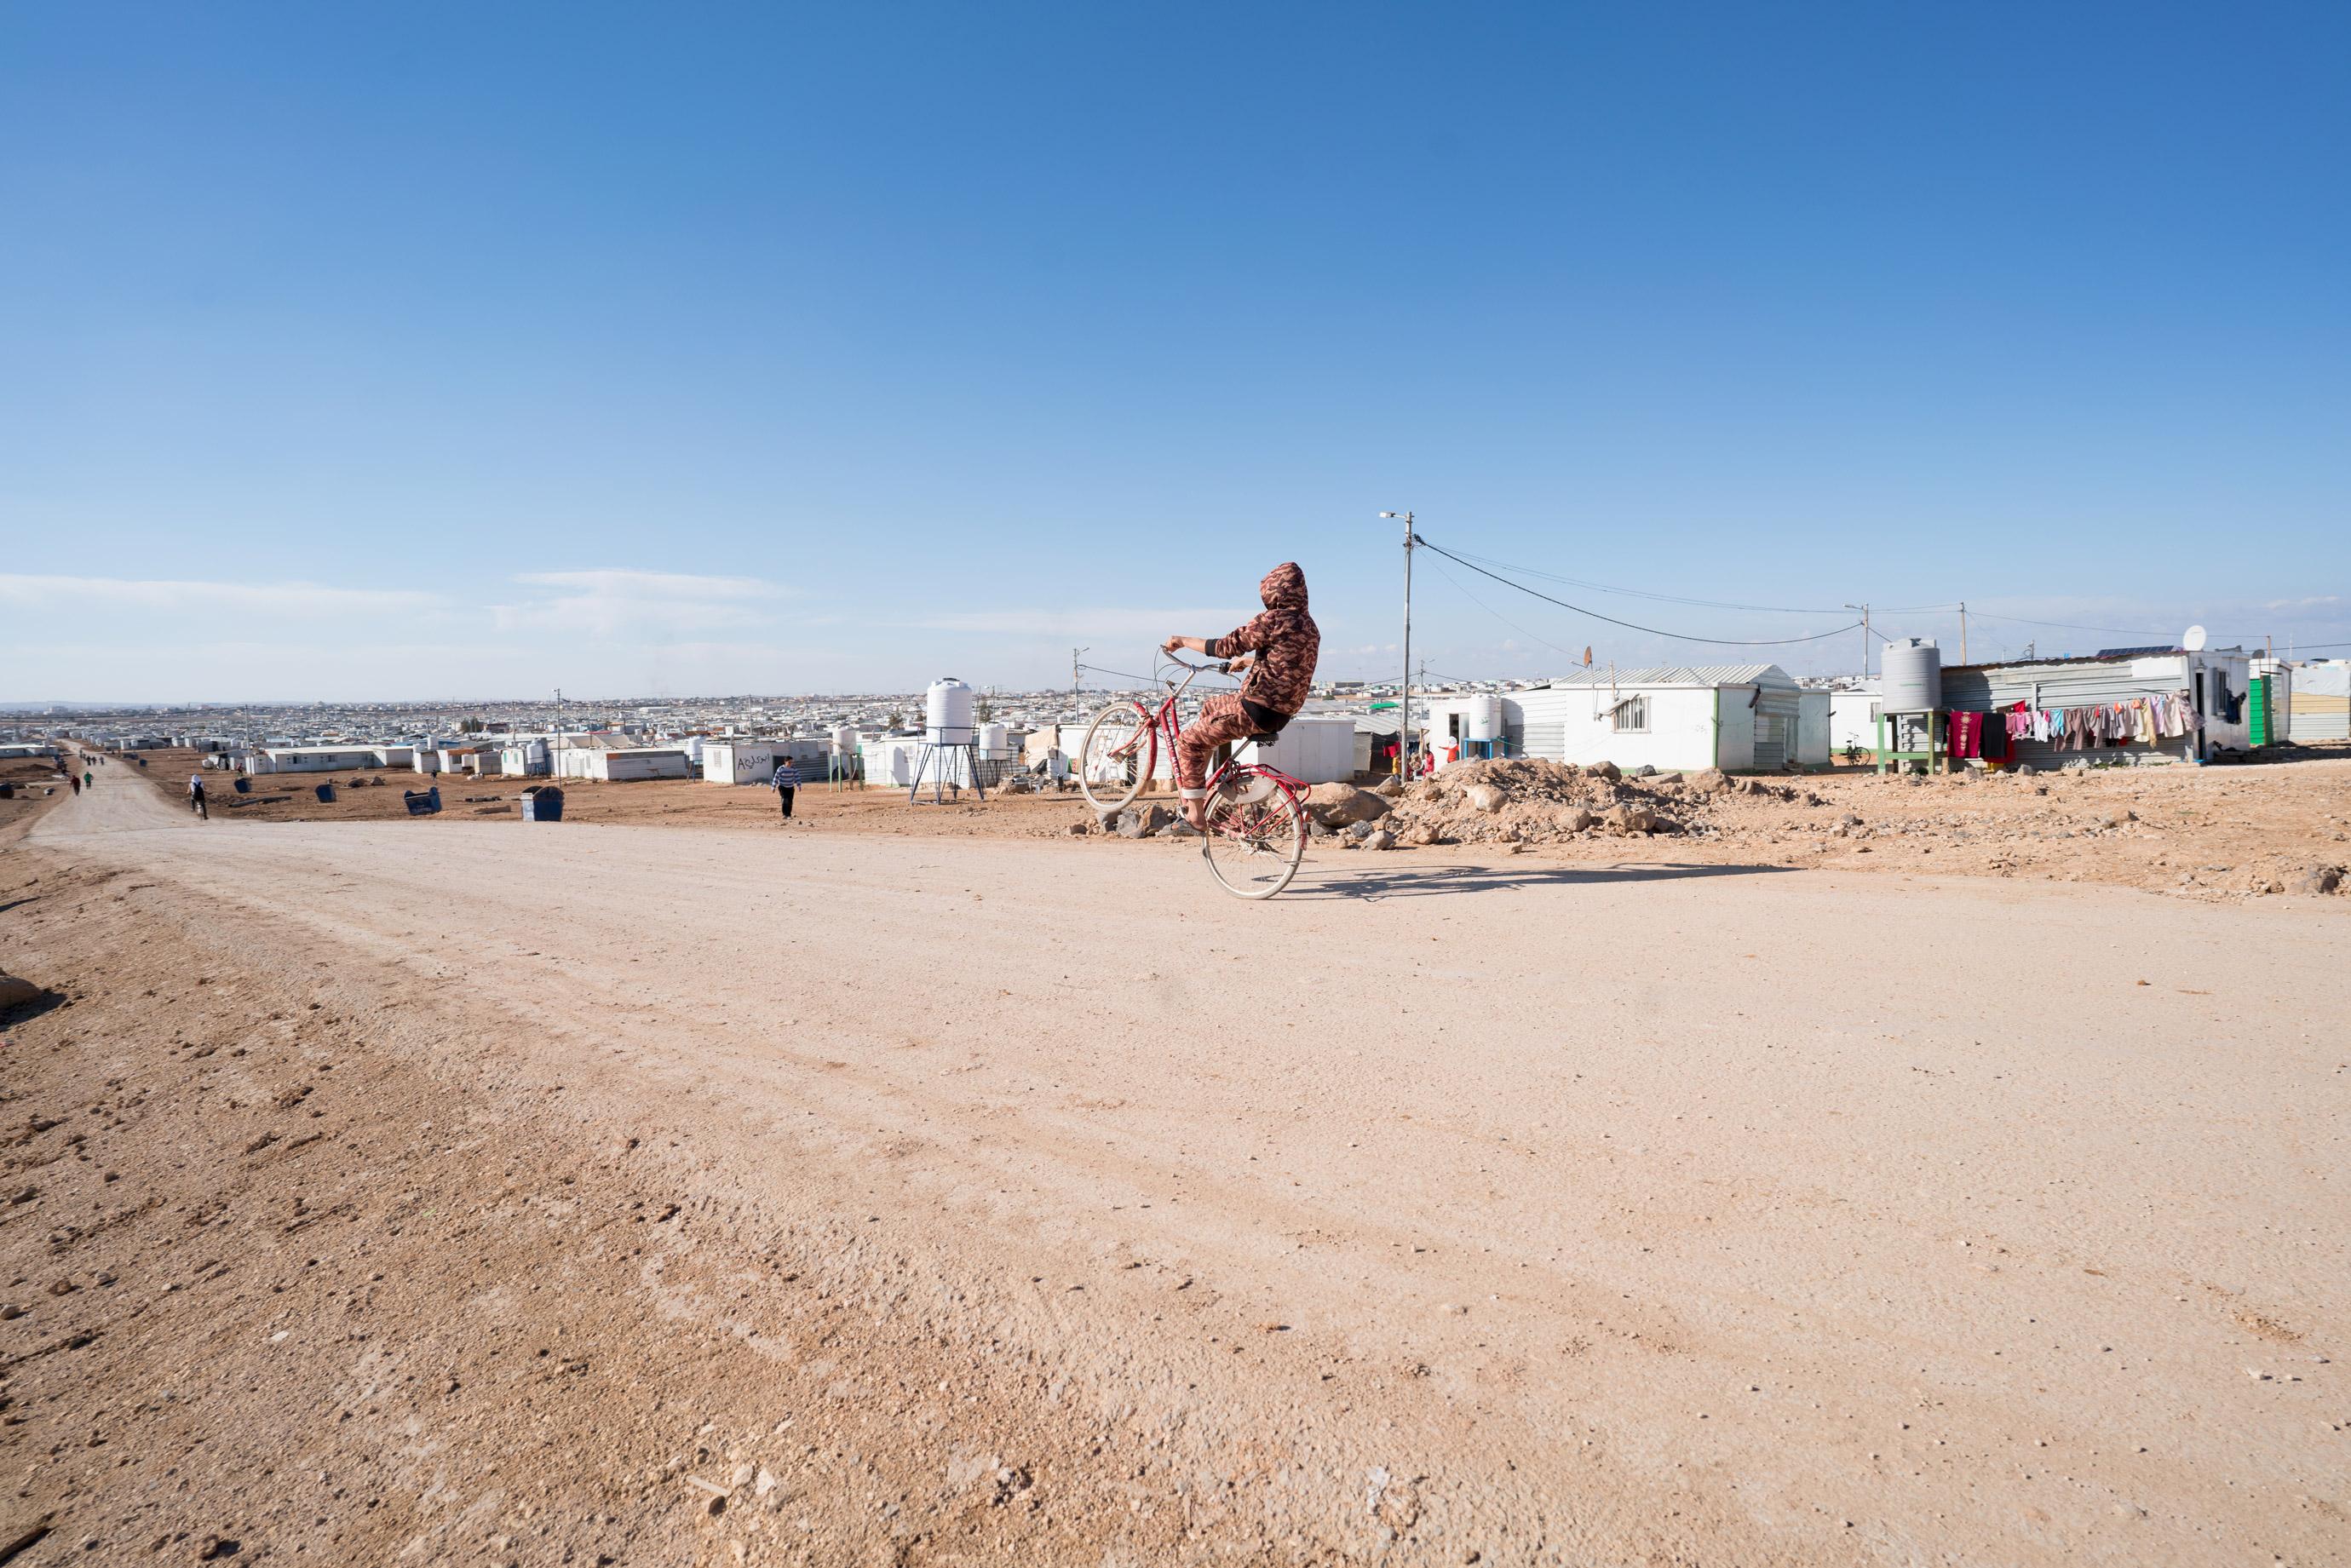 Zaatari es una ciudad bulliciosa que surgió como una marea de la humanidad que se estrelló en la frontera con Siria en 2012. Casi 75,000 sirios viven en el extenso campamento, incluidos muchos niños y adultos jóvenes.